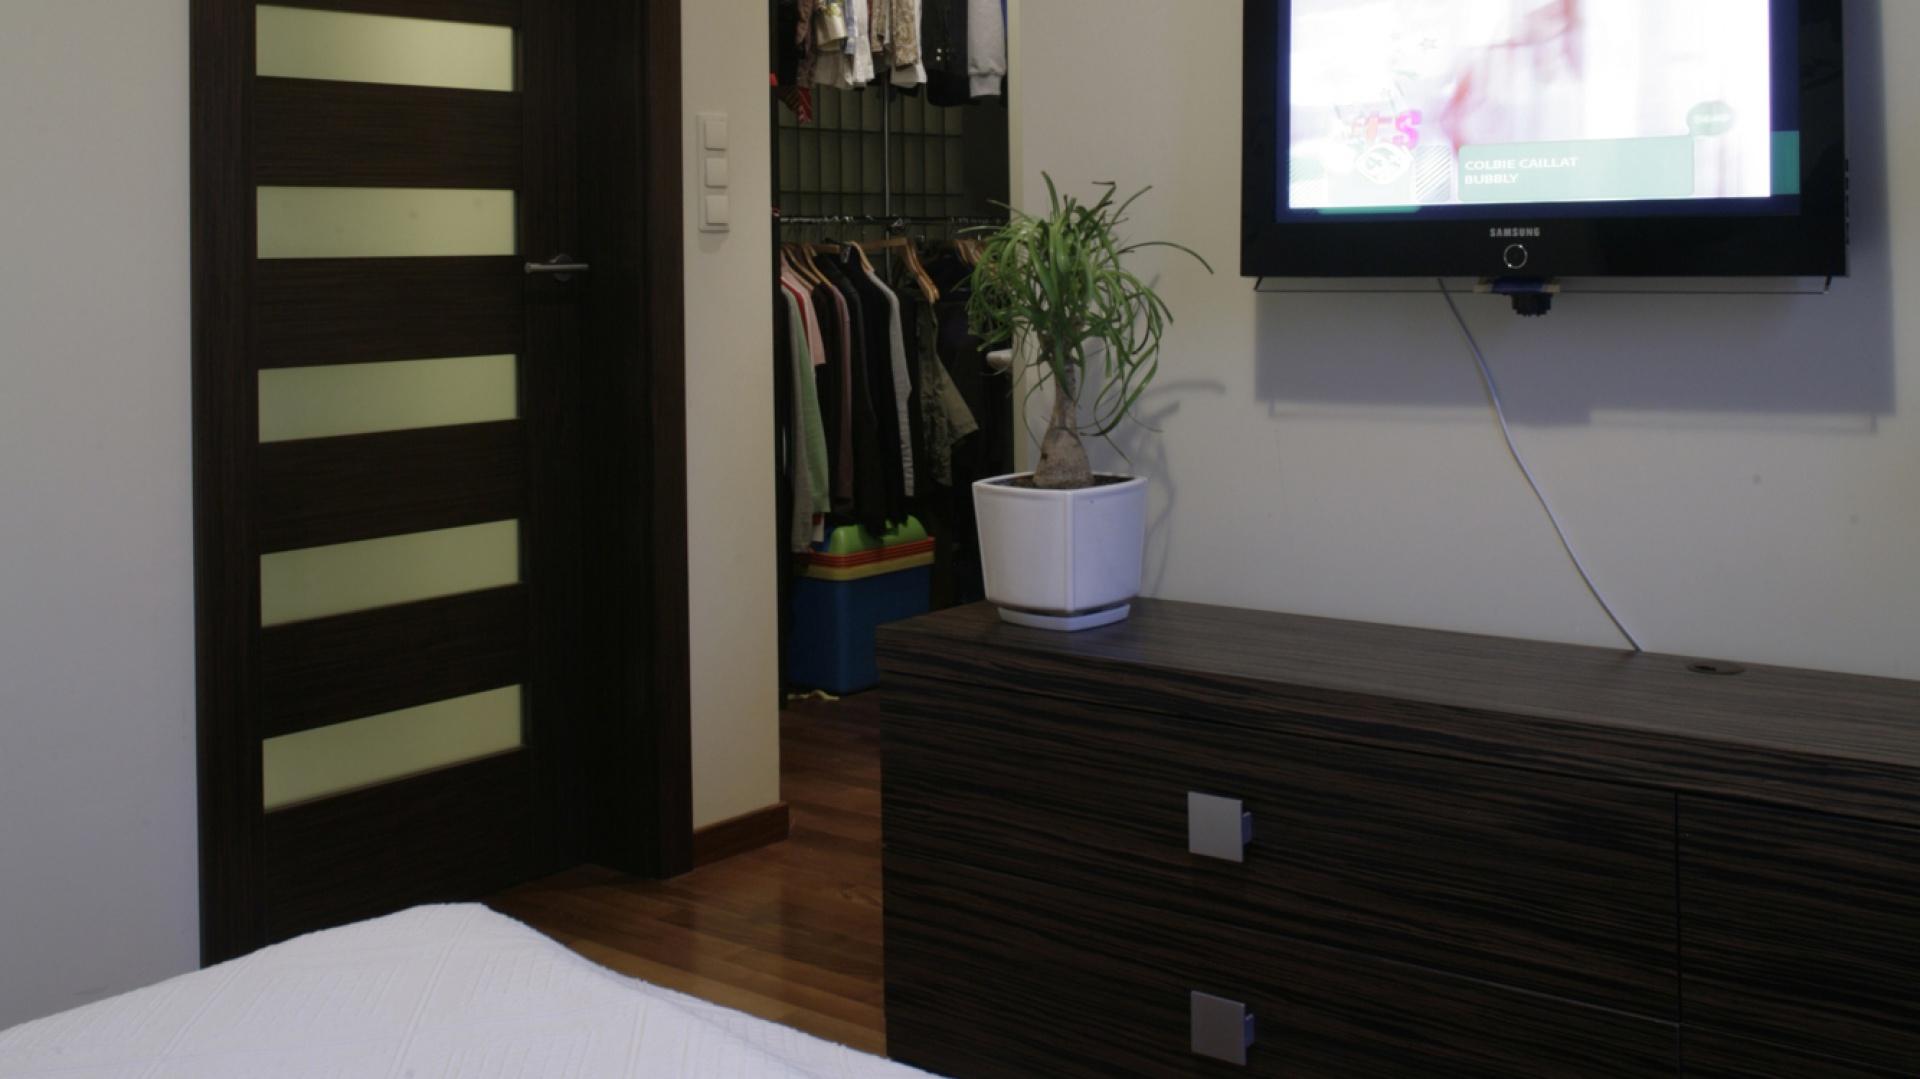 Bezpośrednio z sypialni można przejść do przestronnej garderoby, oddzielonej od części dziennej mieszkania luksferową ścianką... bądź do łazienki, zamkniętej za drzwiami ze wstawkami z satynowanego szkła. Fot. Monika Filipiuk.